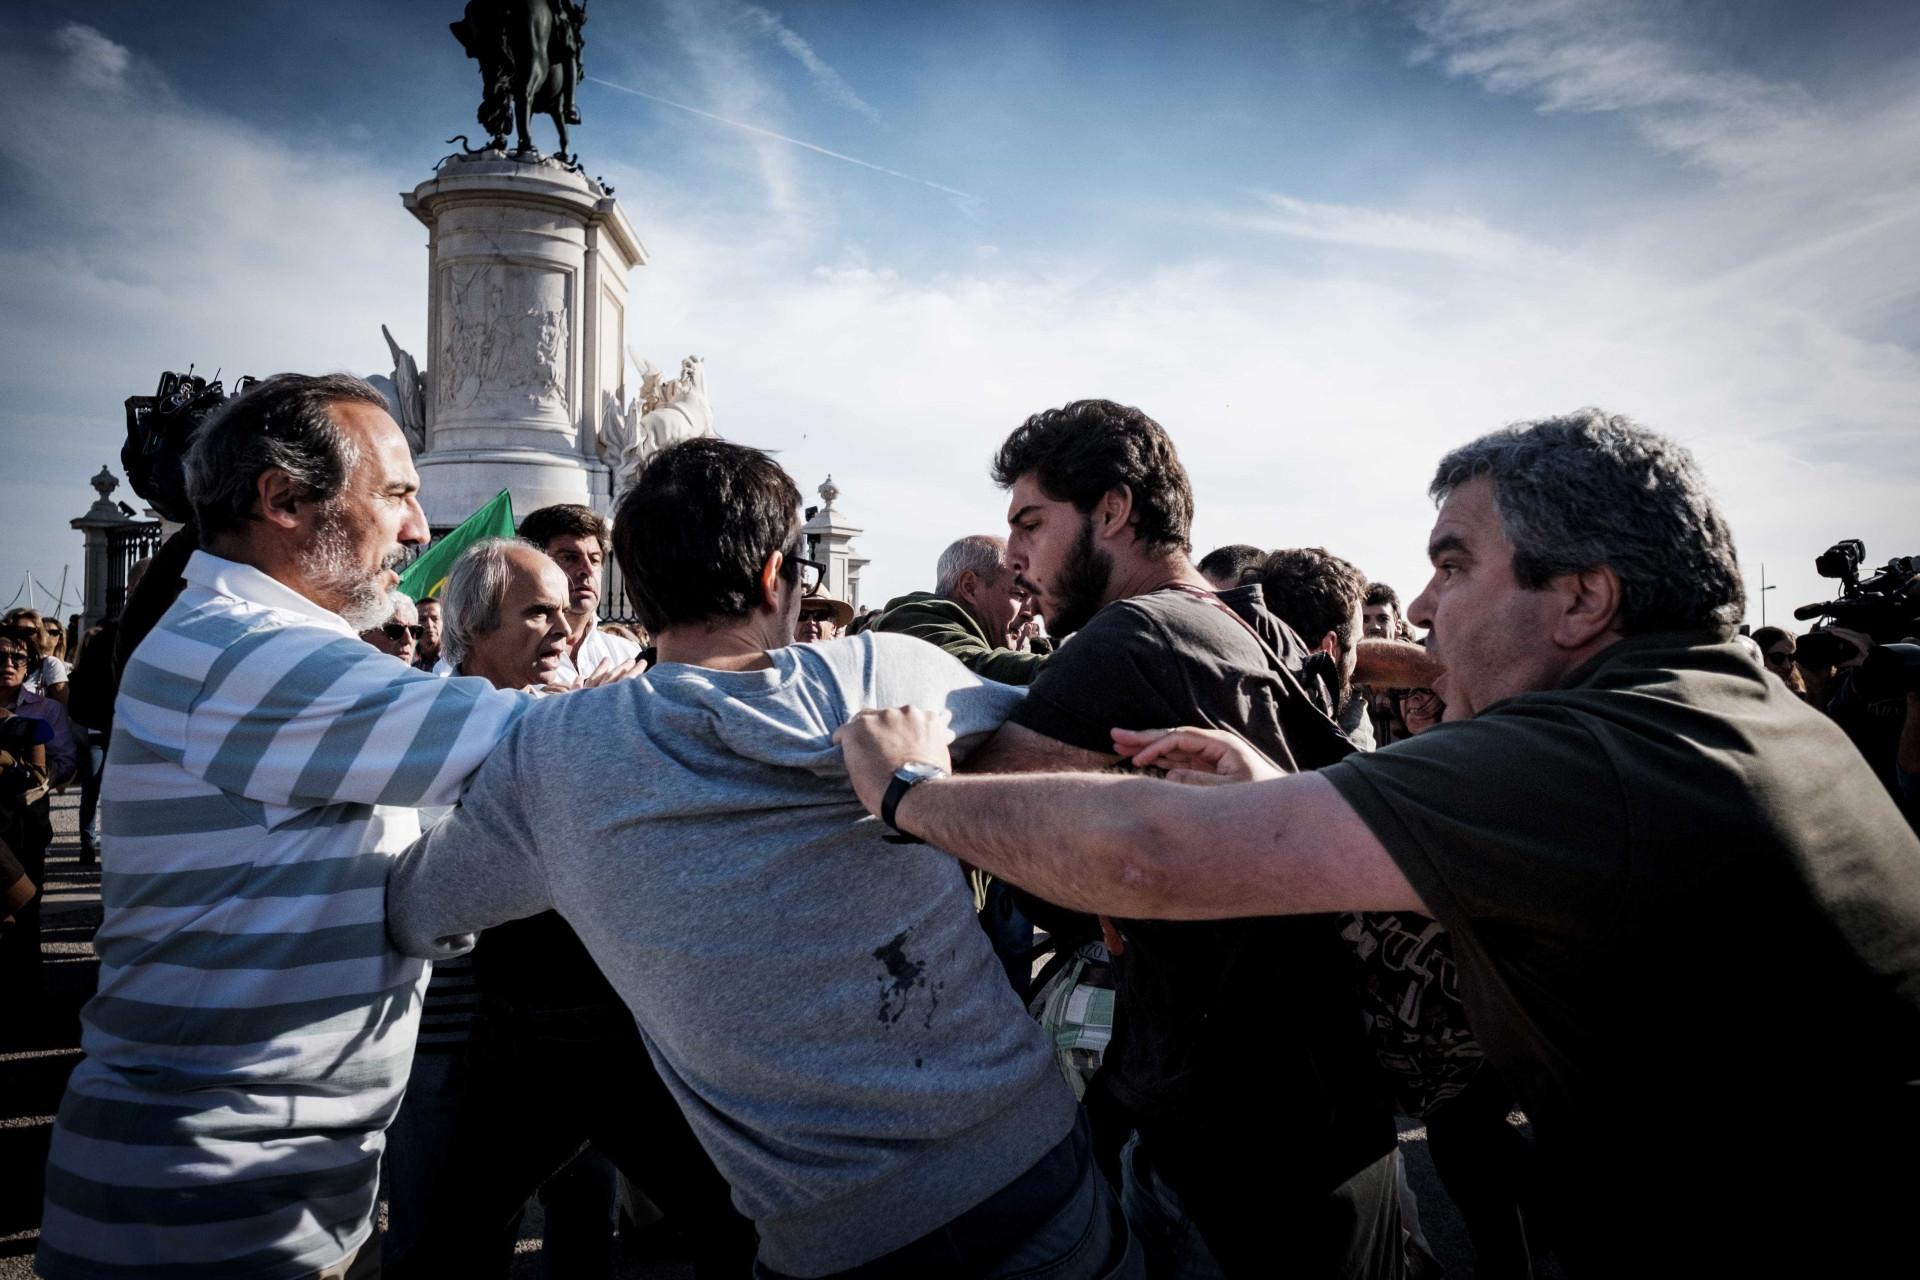 As imagens da confusão na manifestação da Praça do Comércio